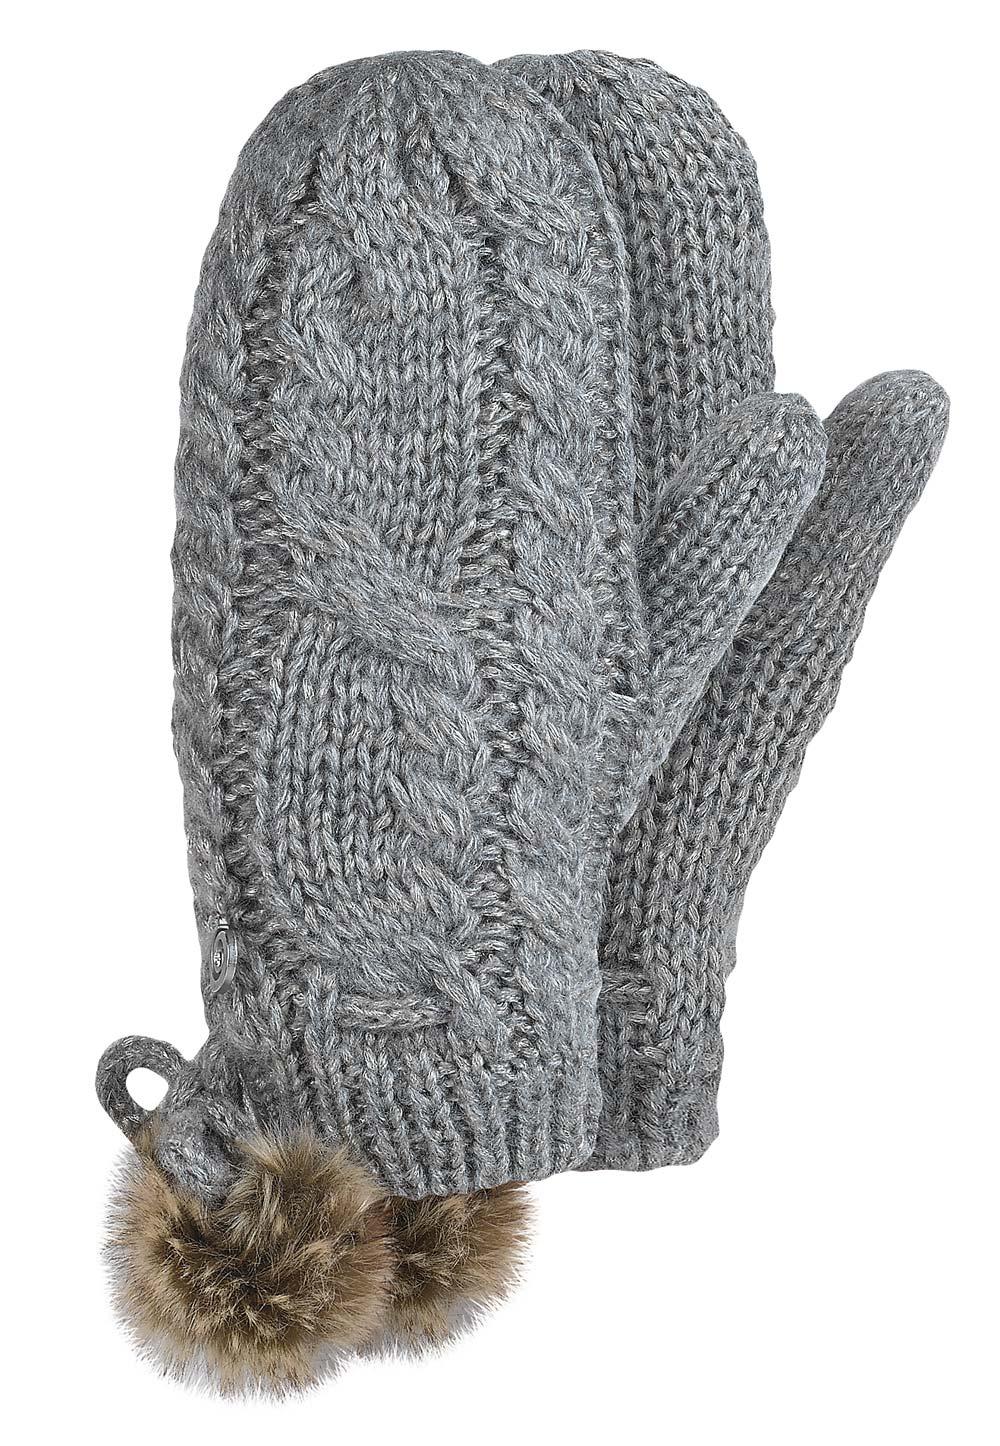 517922add2c Dámské zimní rukavice - Brekka - LUREX ECO MITTEN - LMG - WAKA on ...